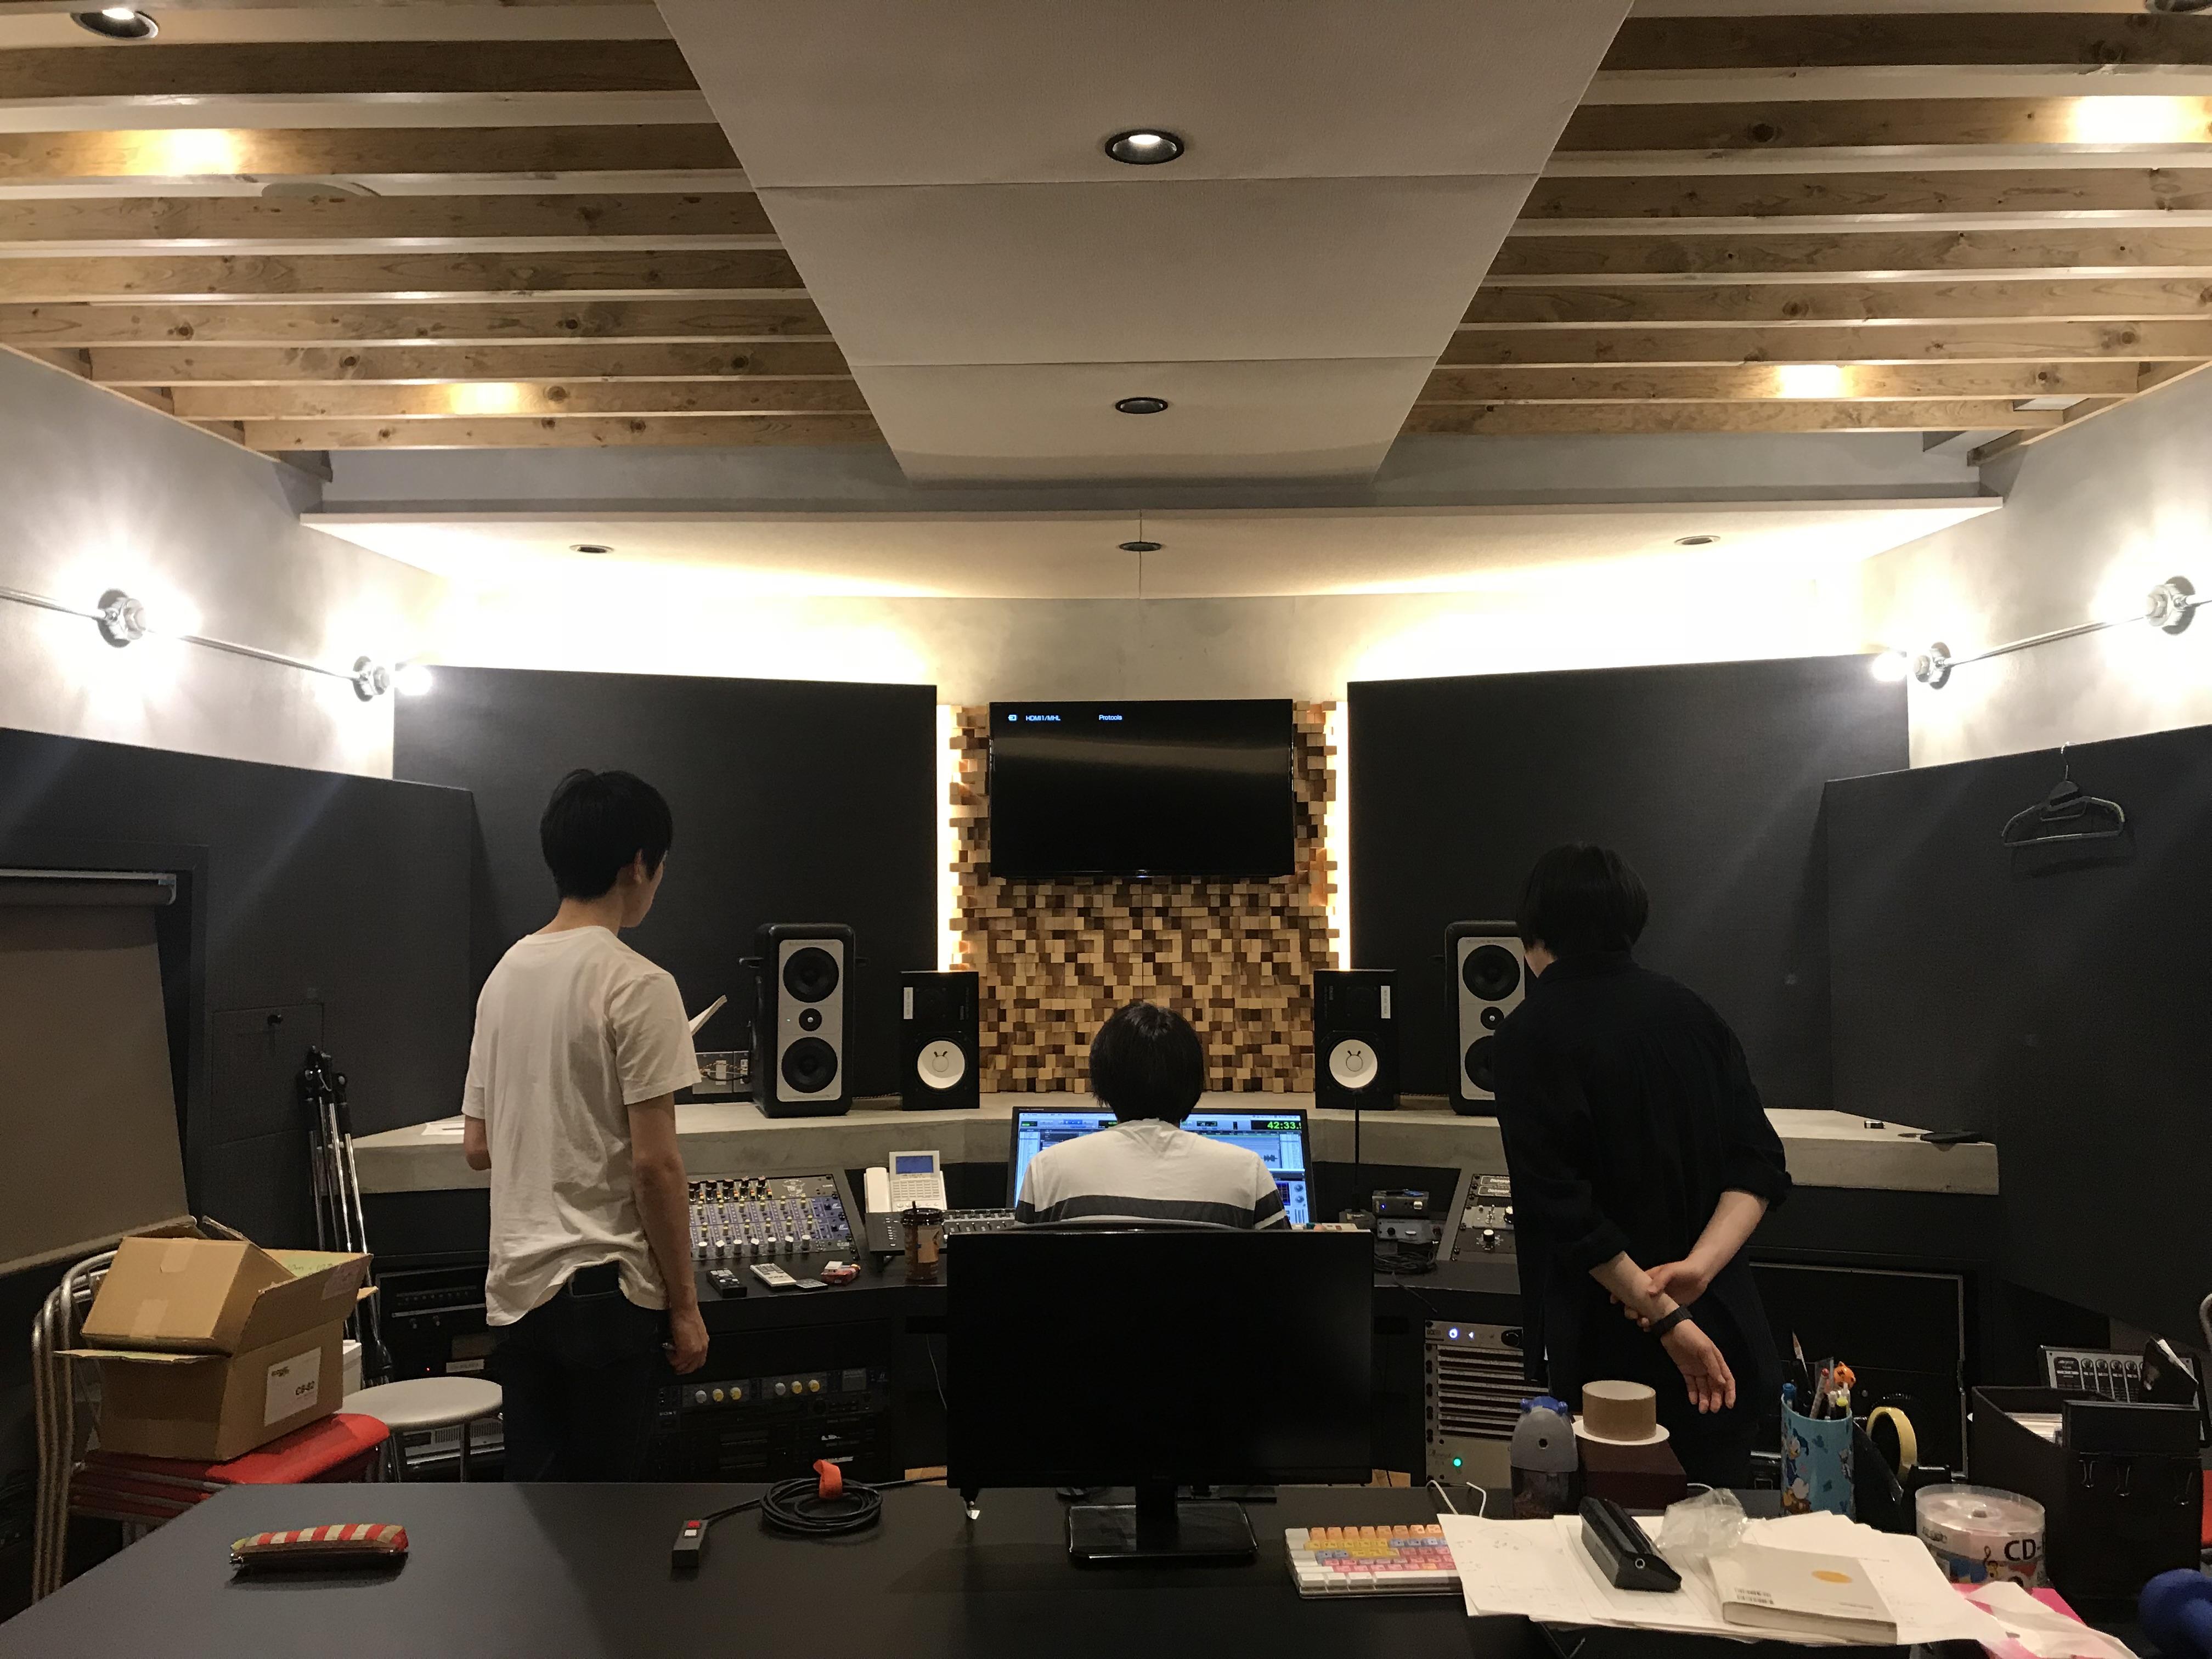 KMA Recording Studioで国立音楽院の音響講師を務める吉崎拓郎先生がミキシングする様子を横から見学する学生2名。